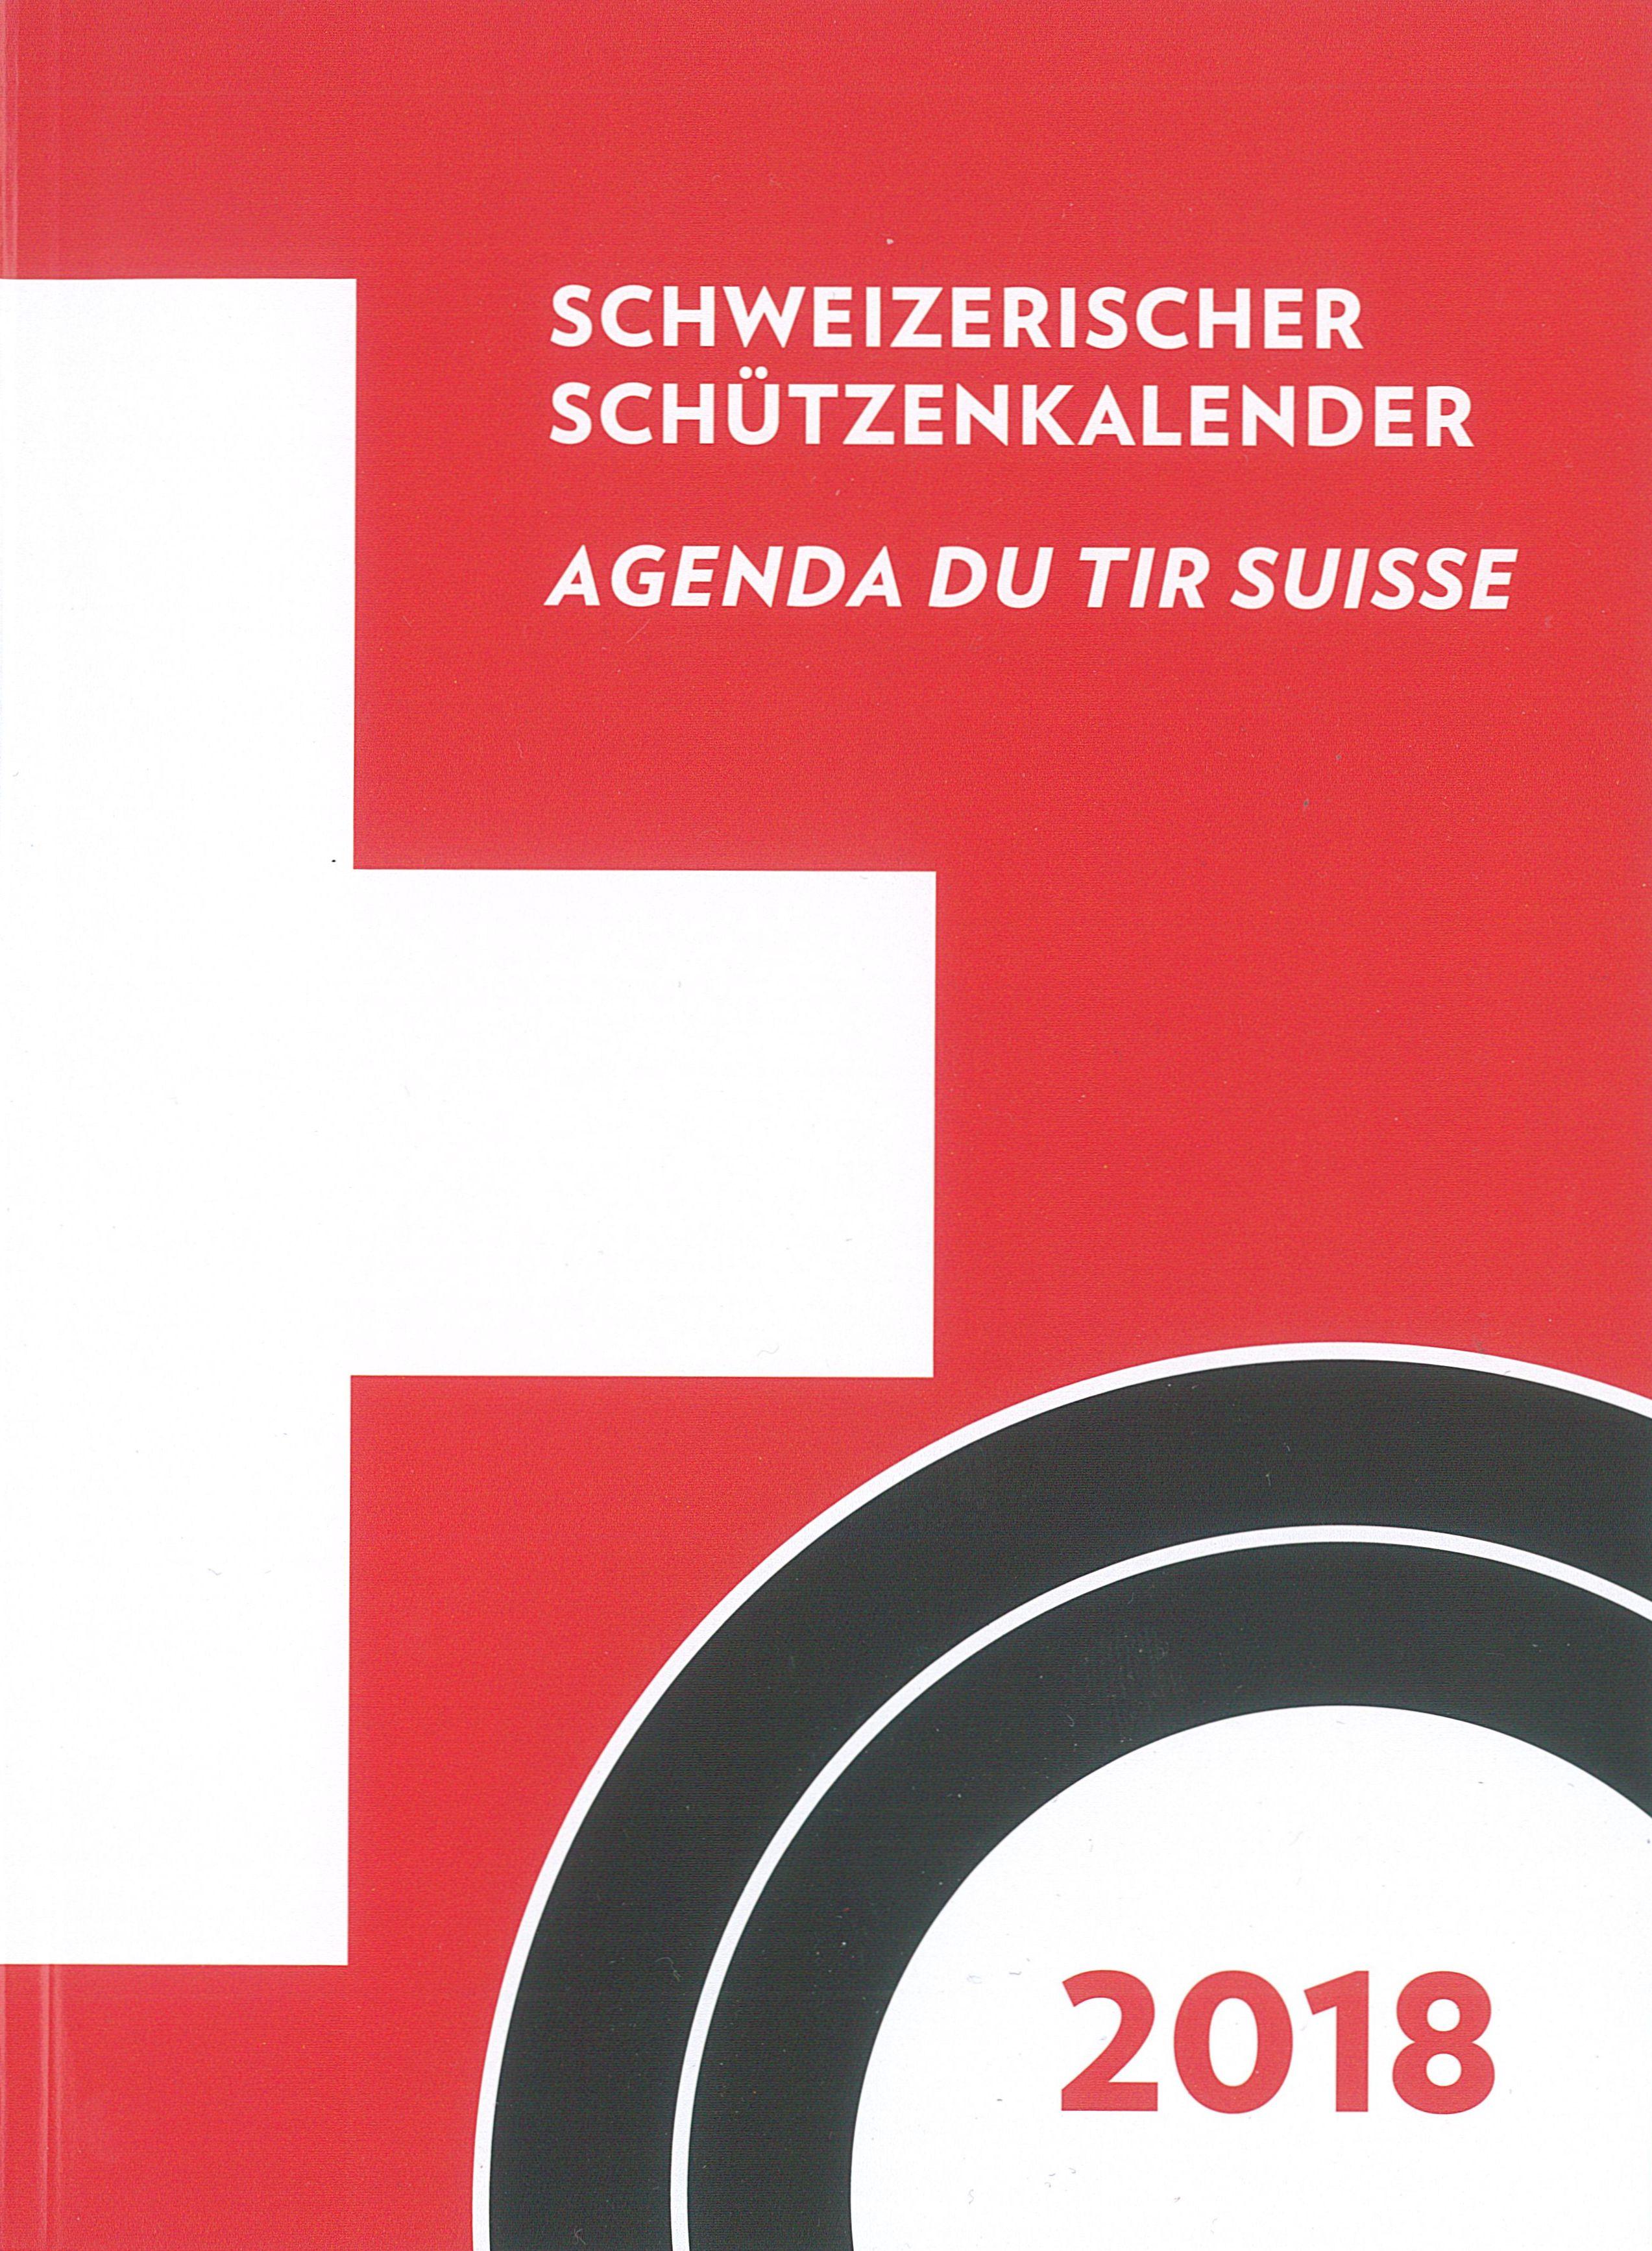 Schweizerischer Schützenkalender